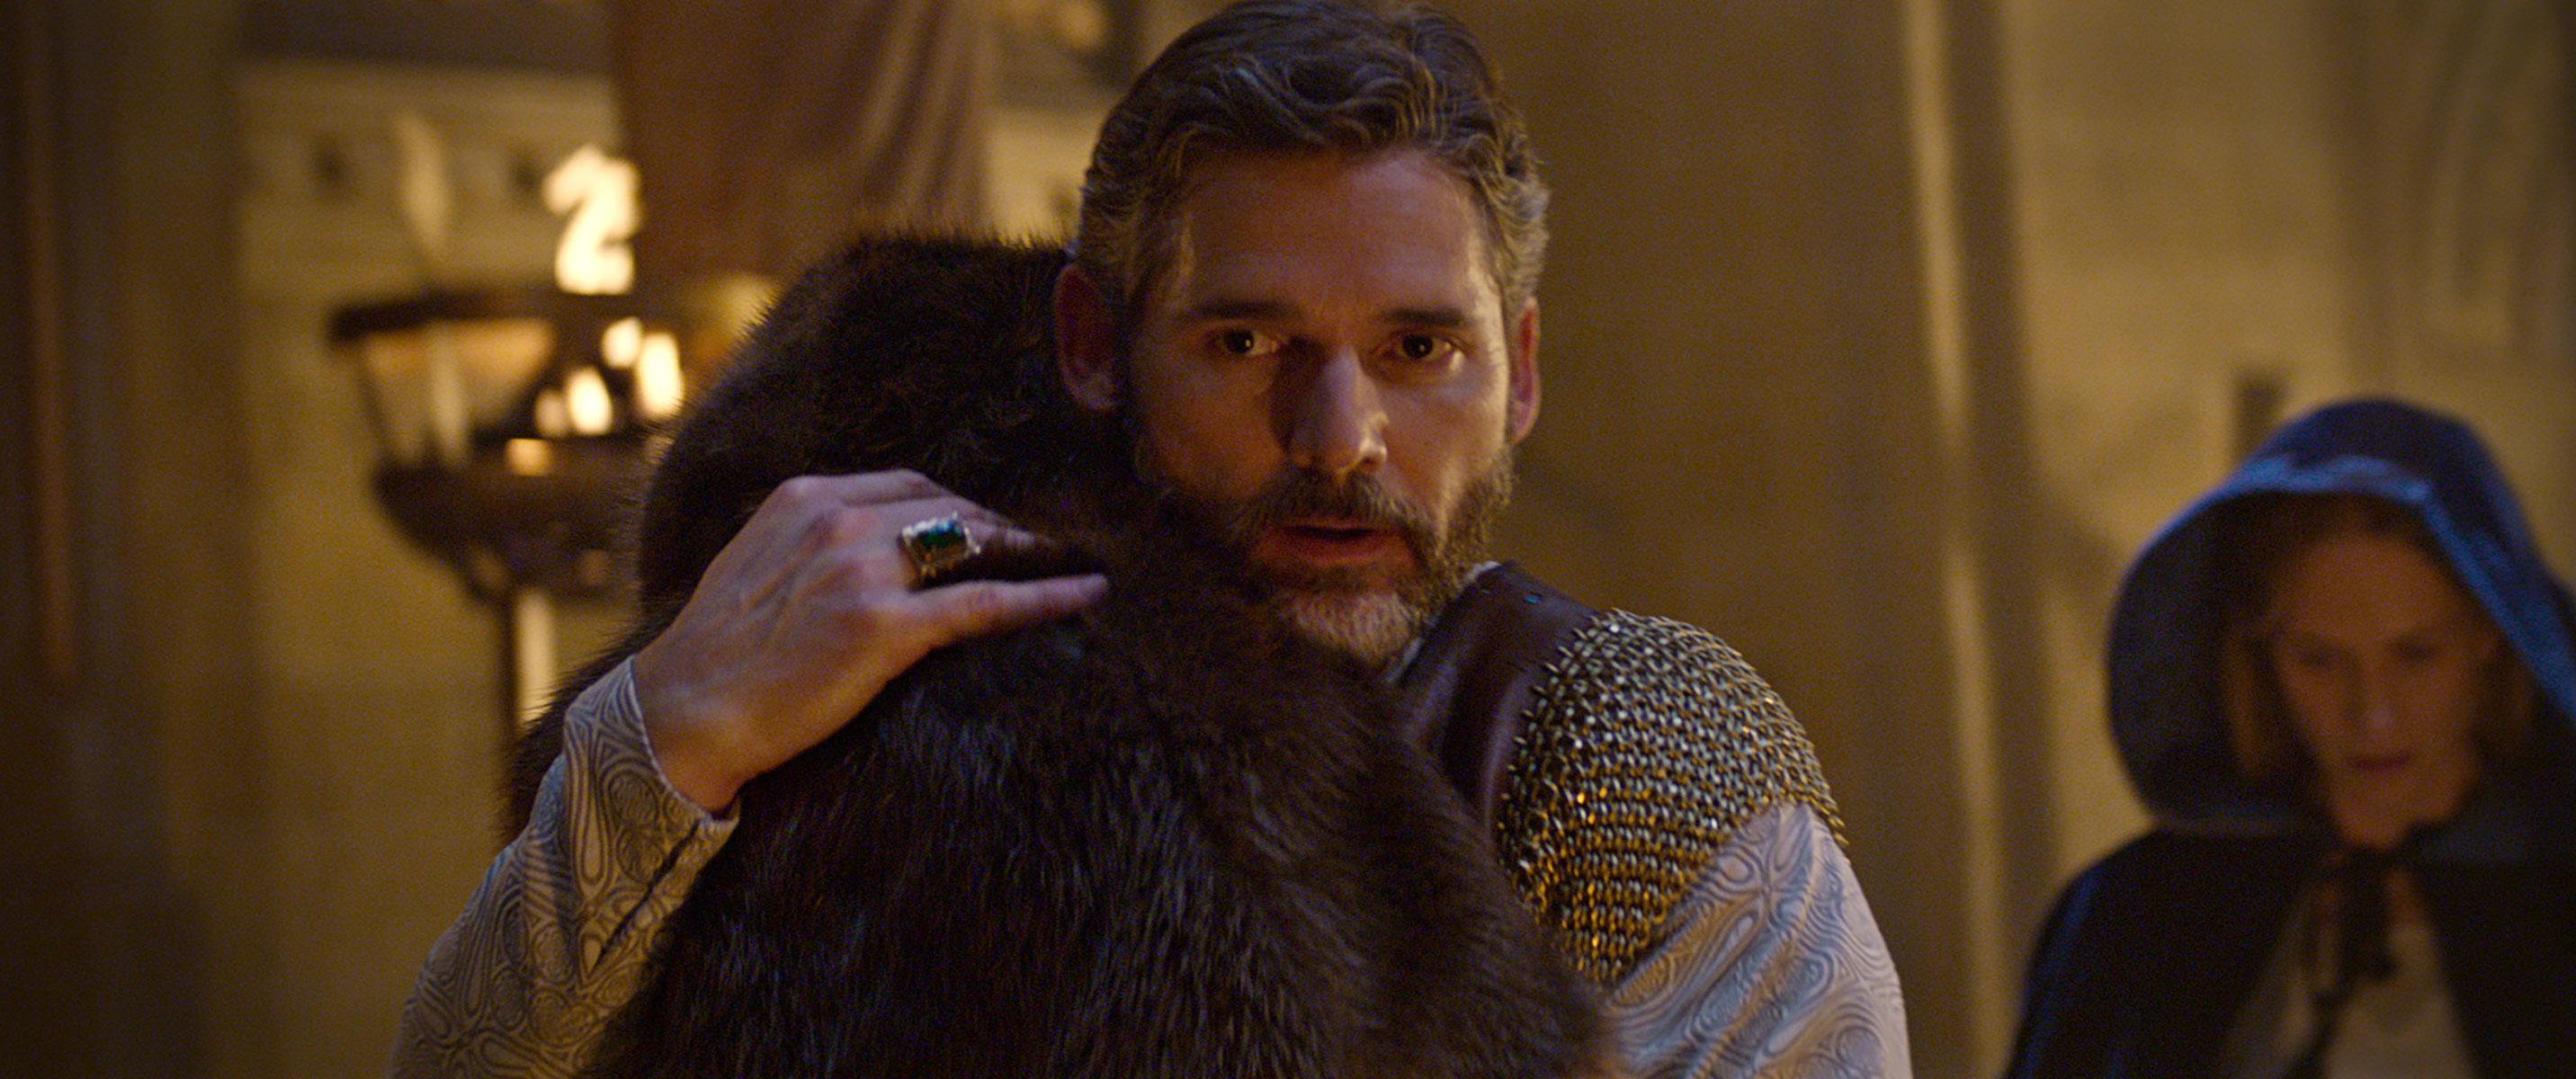 Фильм Меч короля Артура смотреть полностью бесплатно